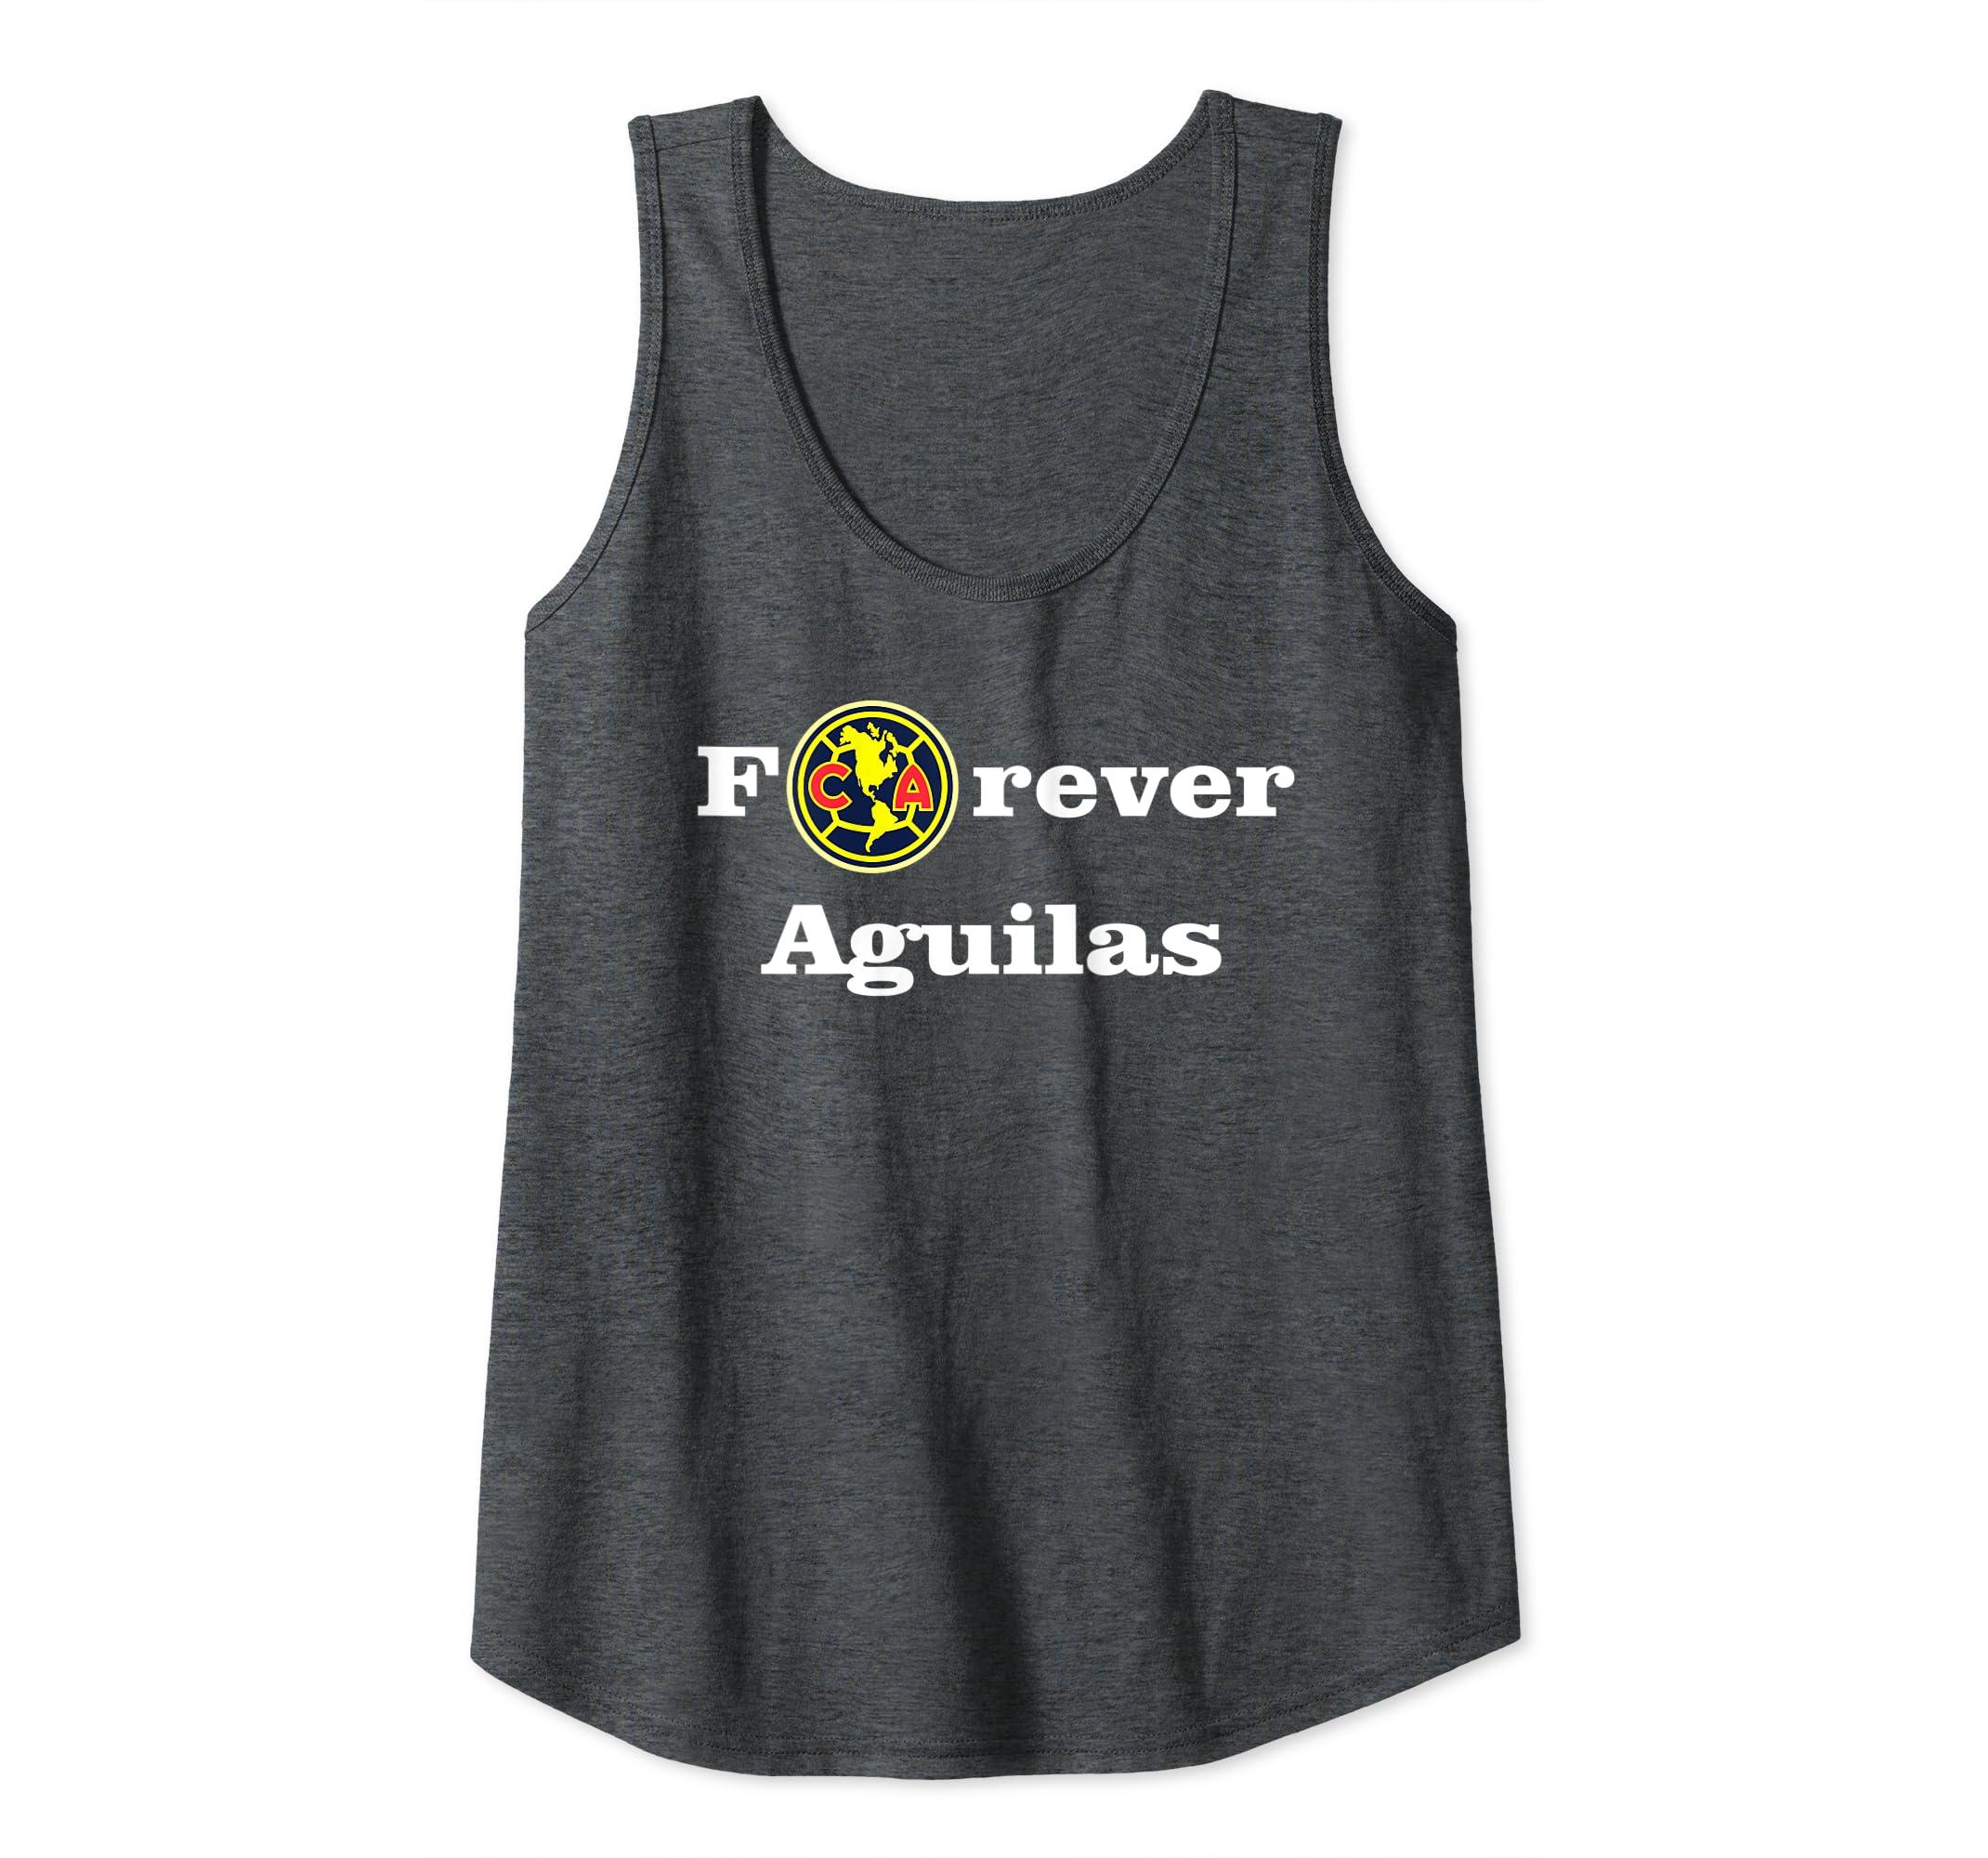 huge discount d1a13 fd53e Amazon.com: Forever Aguilas del America Shirt Orgullo ...